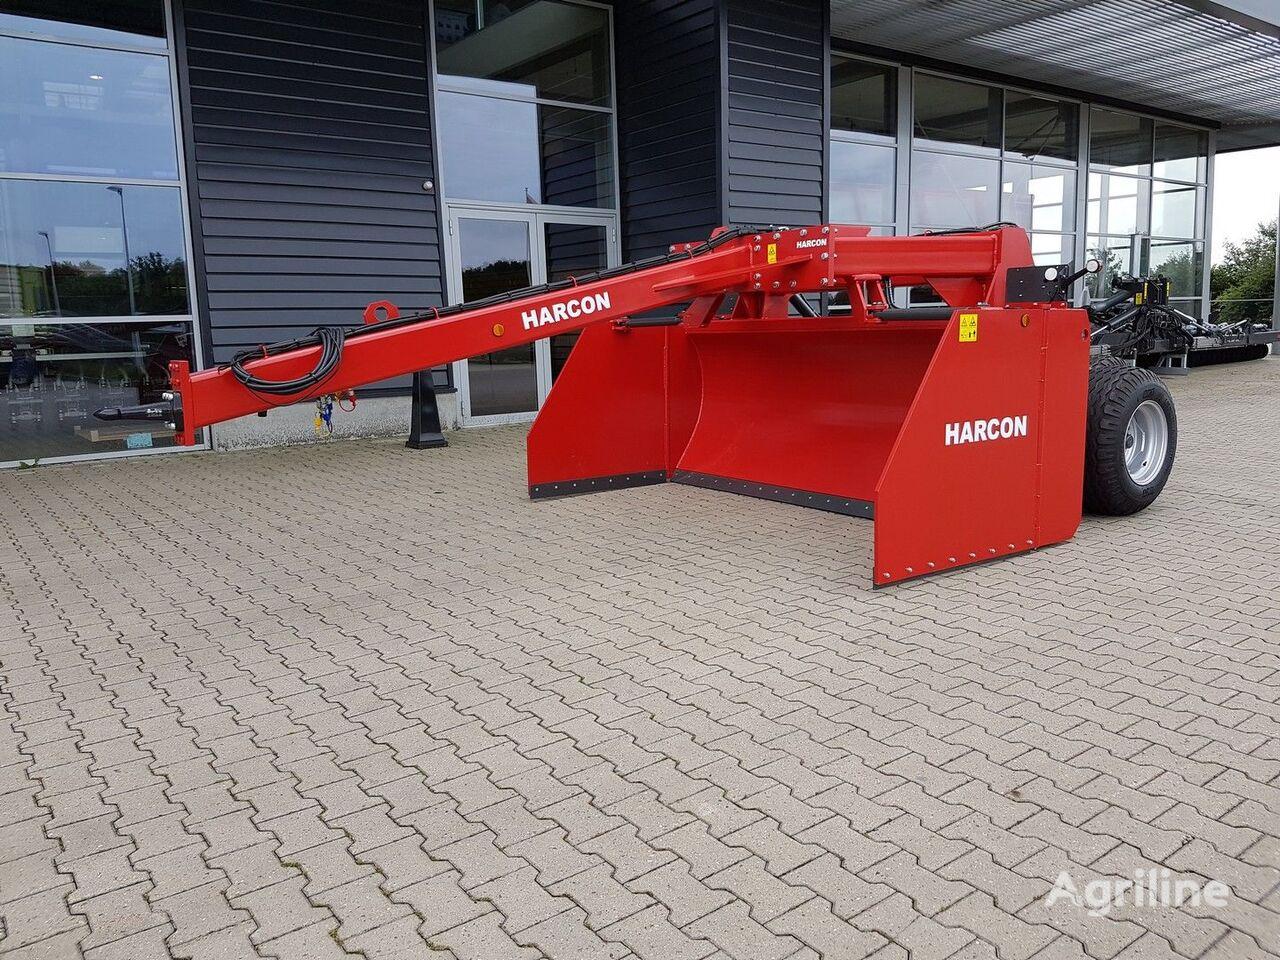 yeni HARCON KB3000 GIGANT 130 tesviye aleti